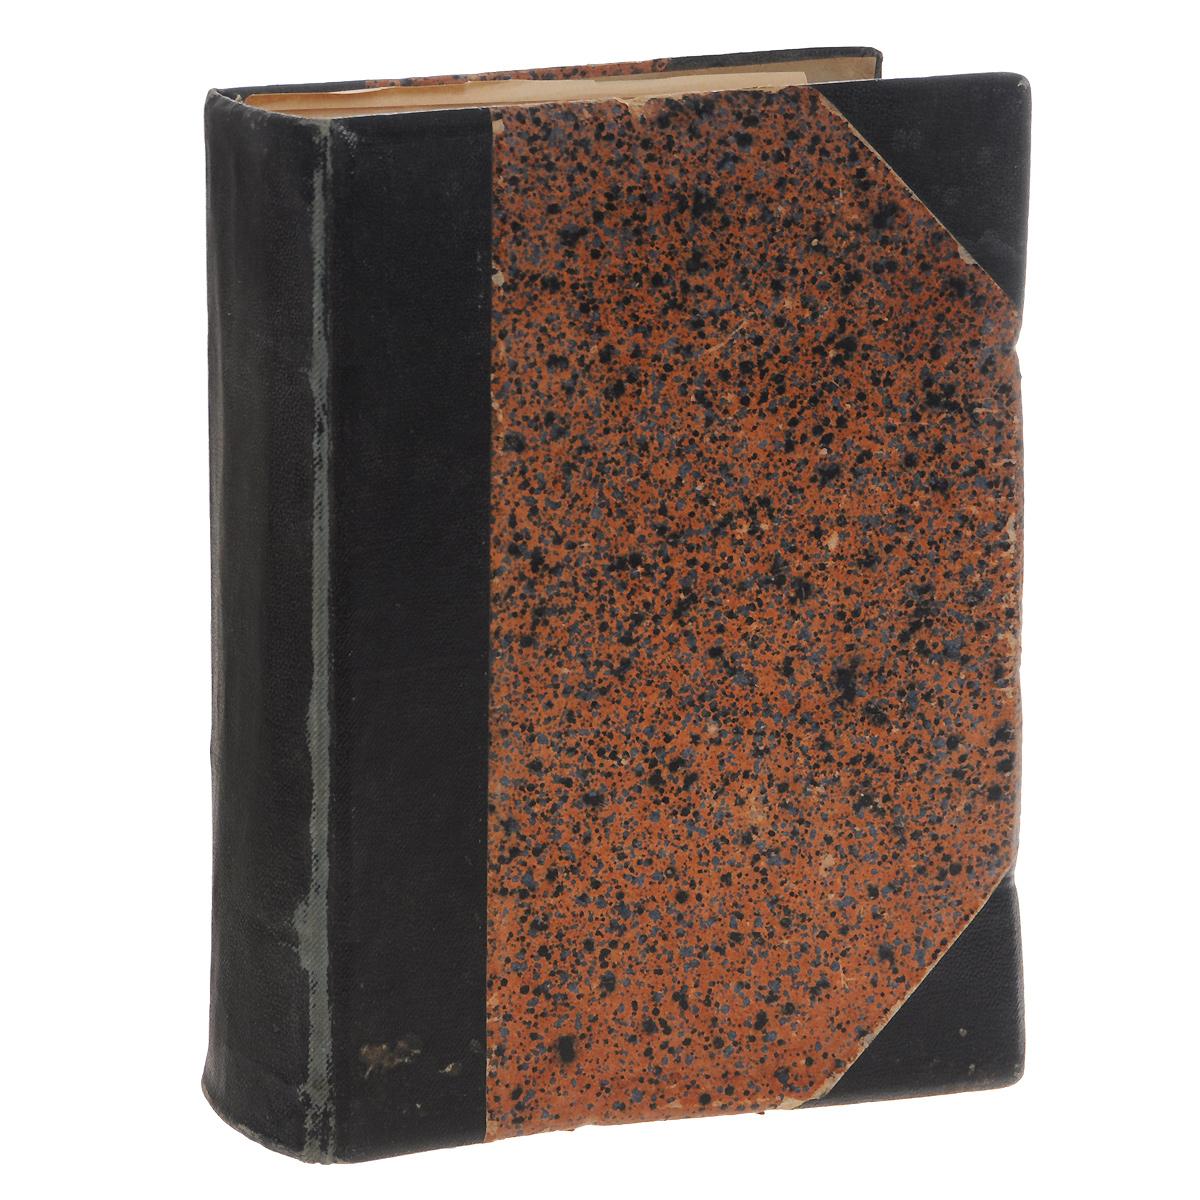 Резец. Рабочий литературно-художественный журнал. Полная подшивка за 1929 год (52 номера)